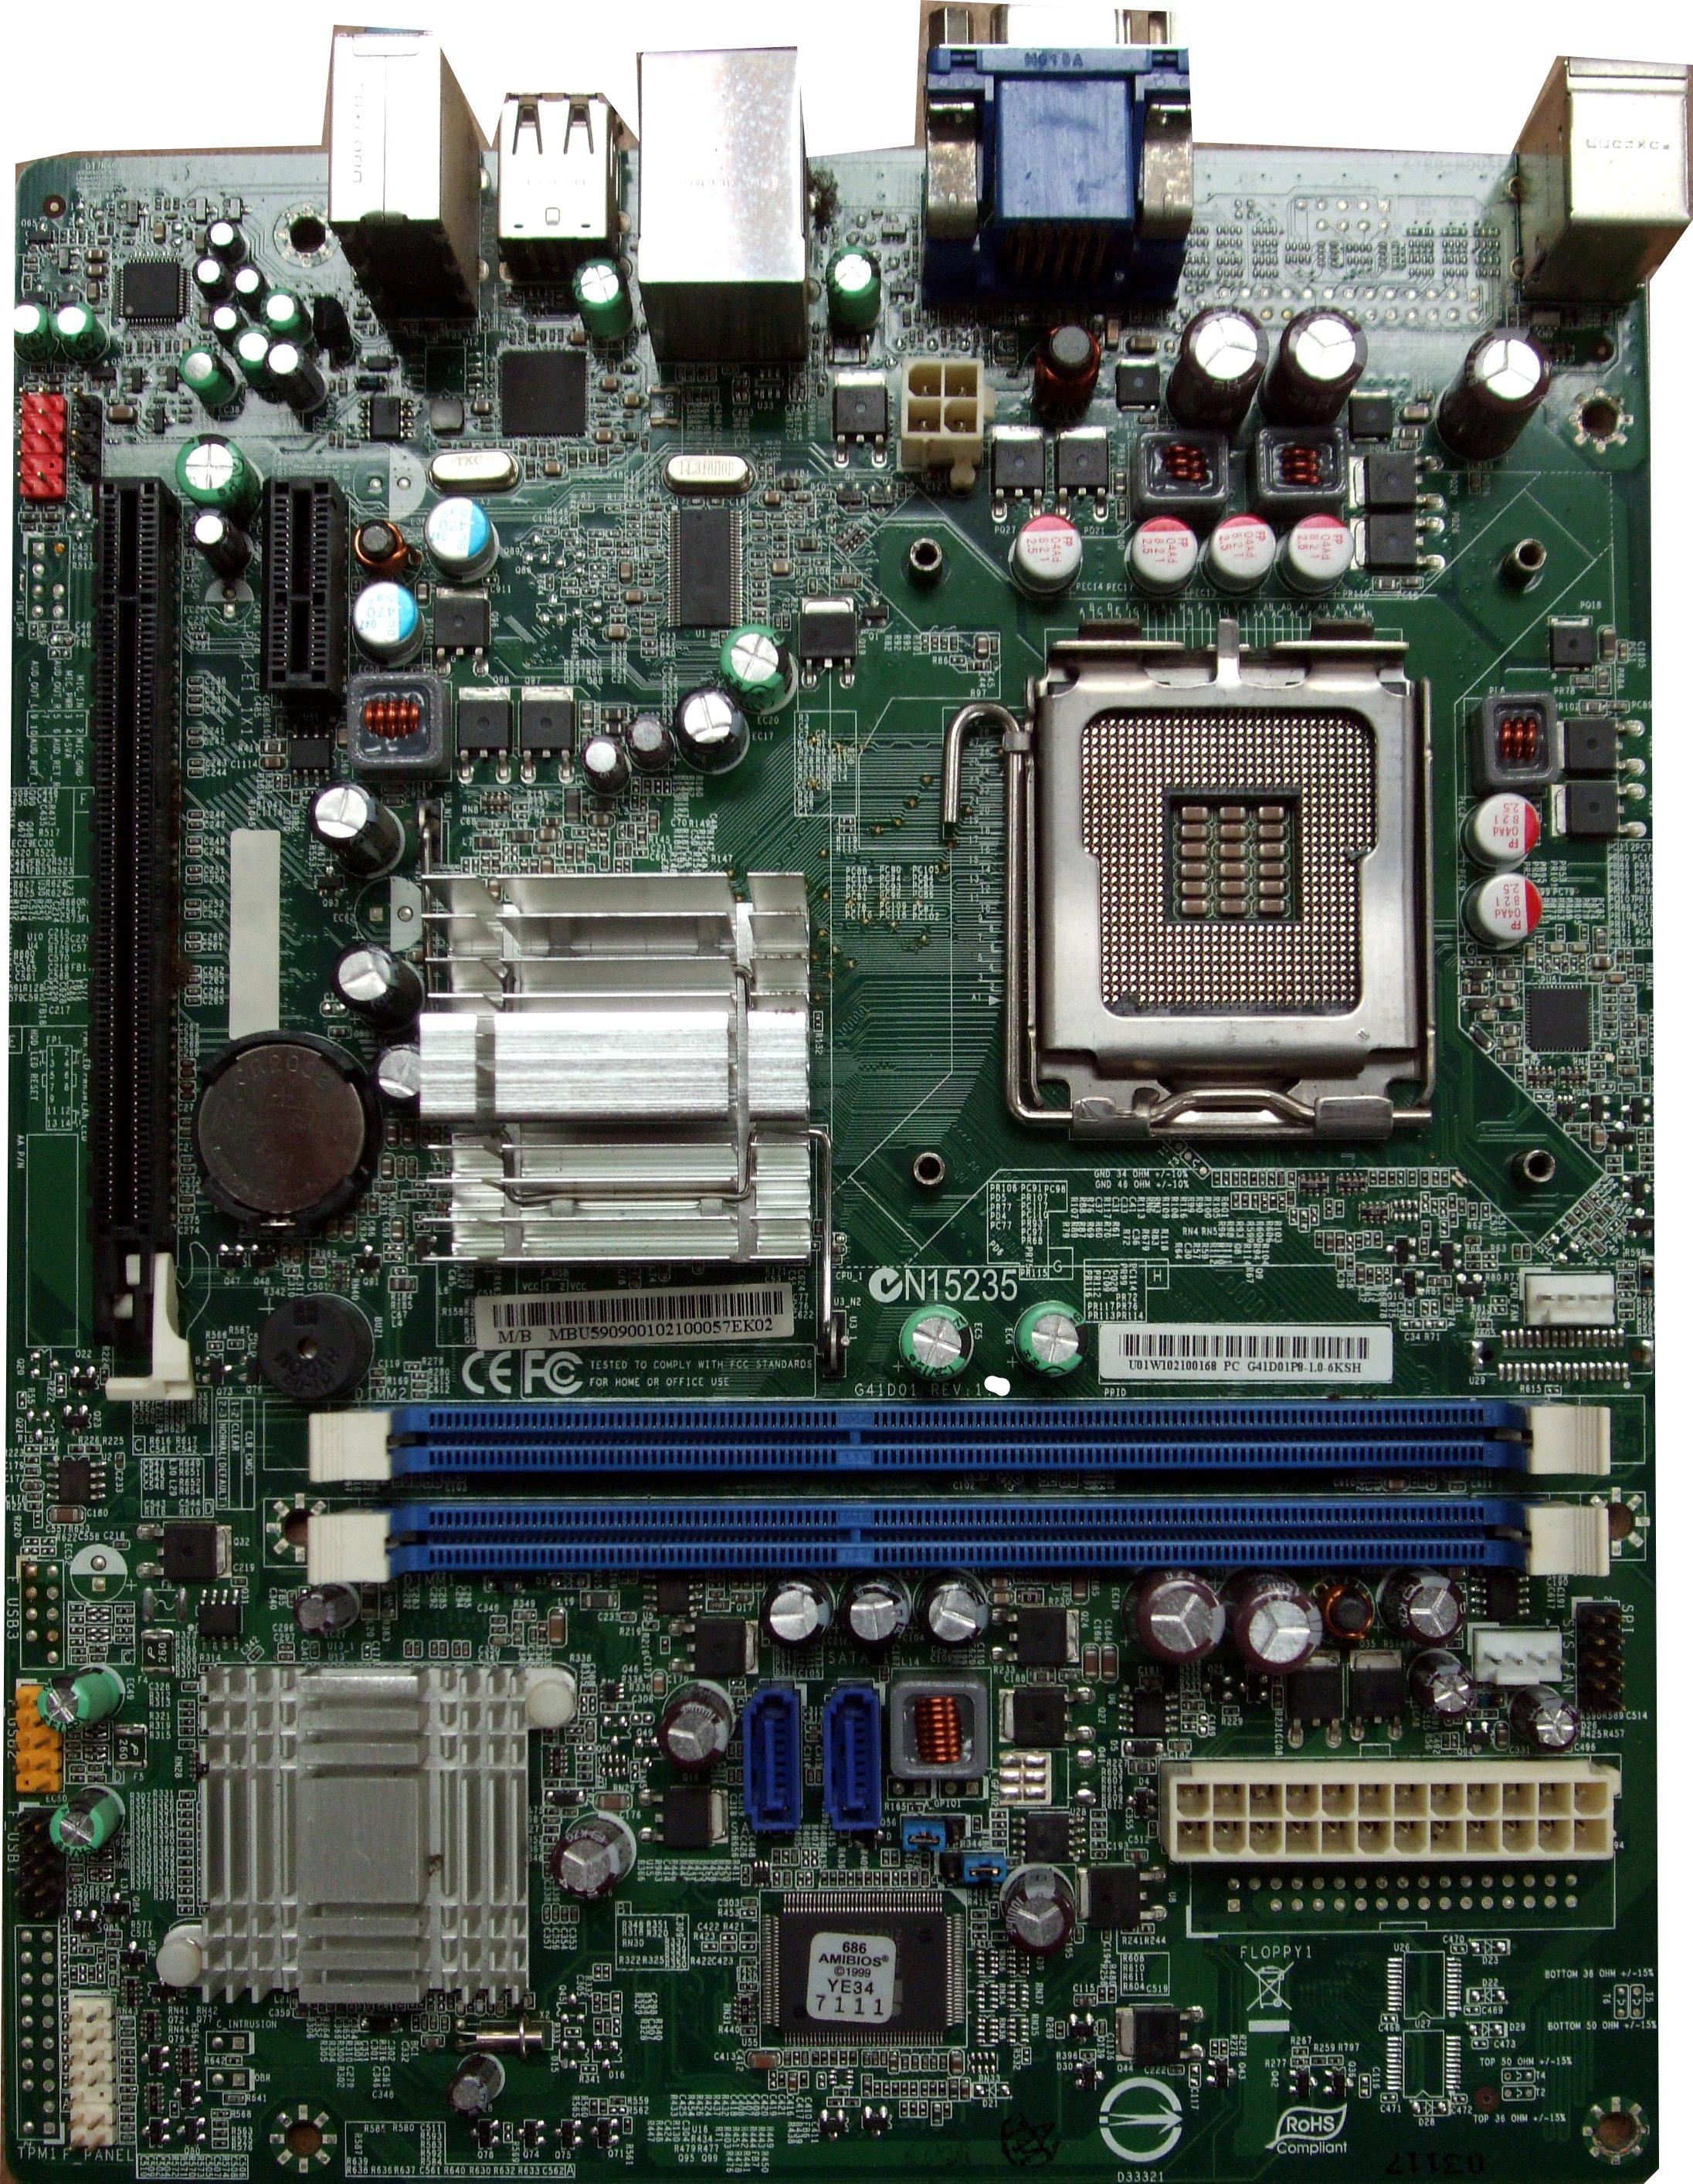 Untested G41D01P8-1.0-6KSH Rev 1.1 Socket 775 System Motherboard MB.U5909.001